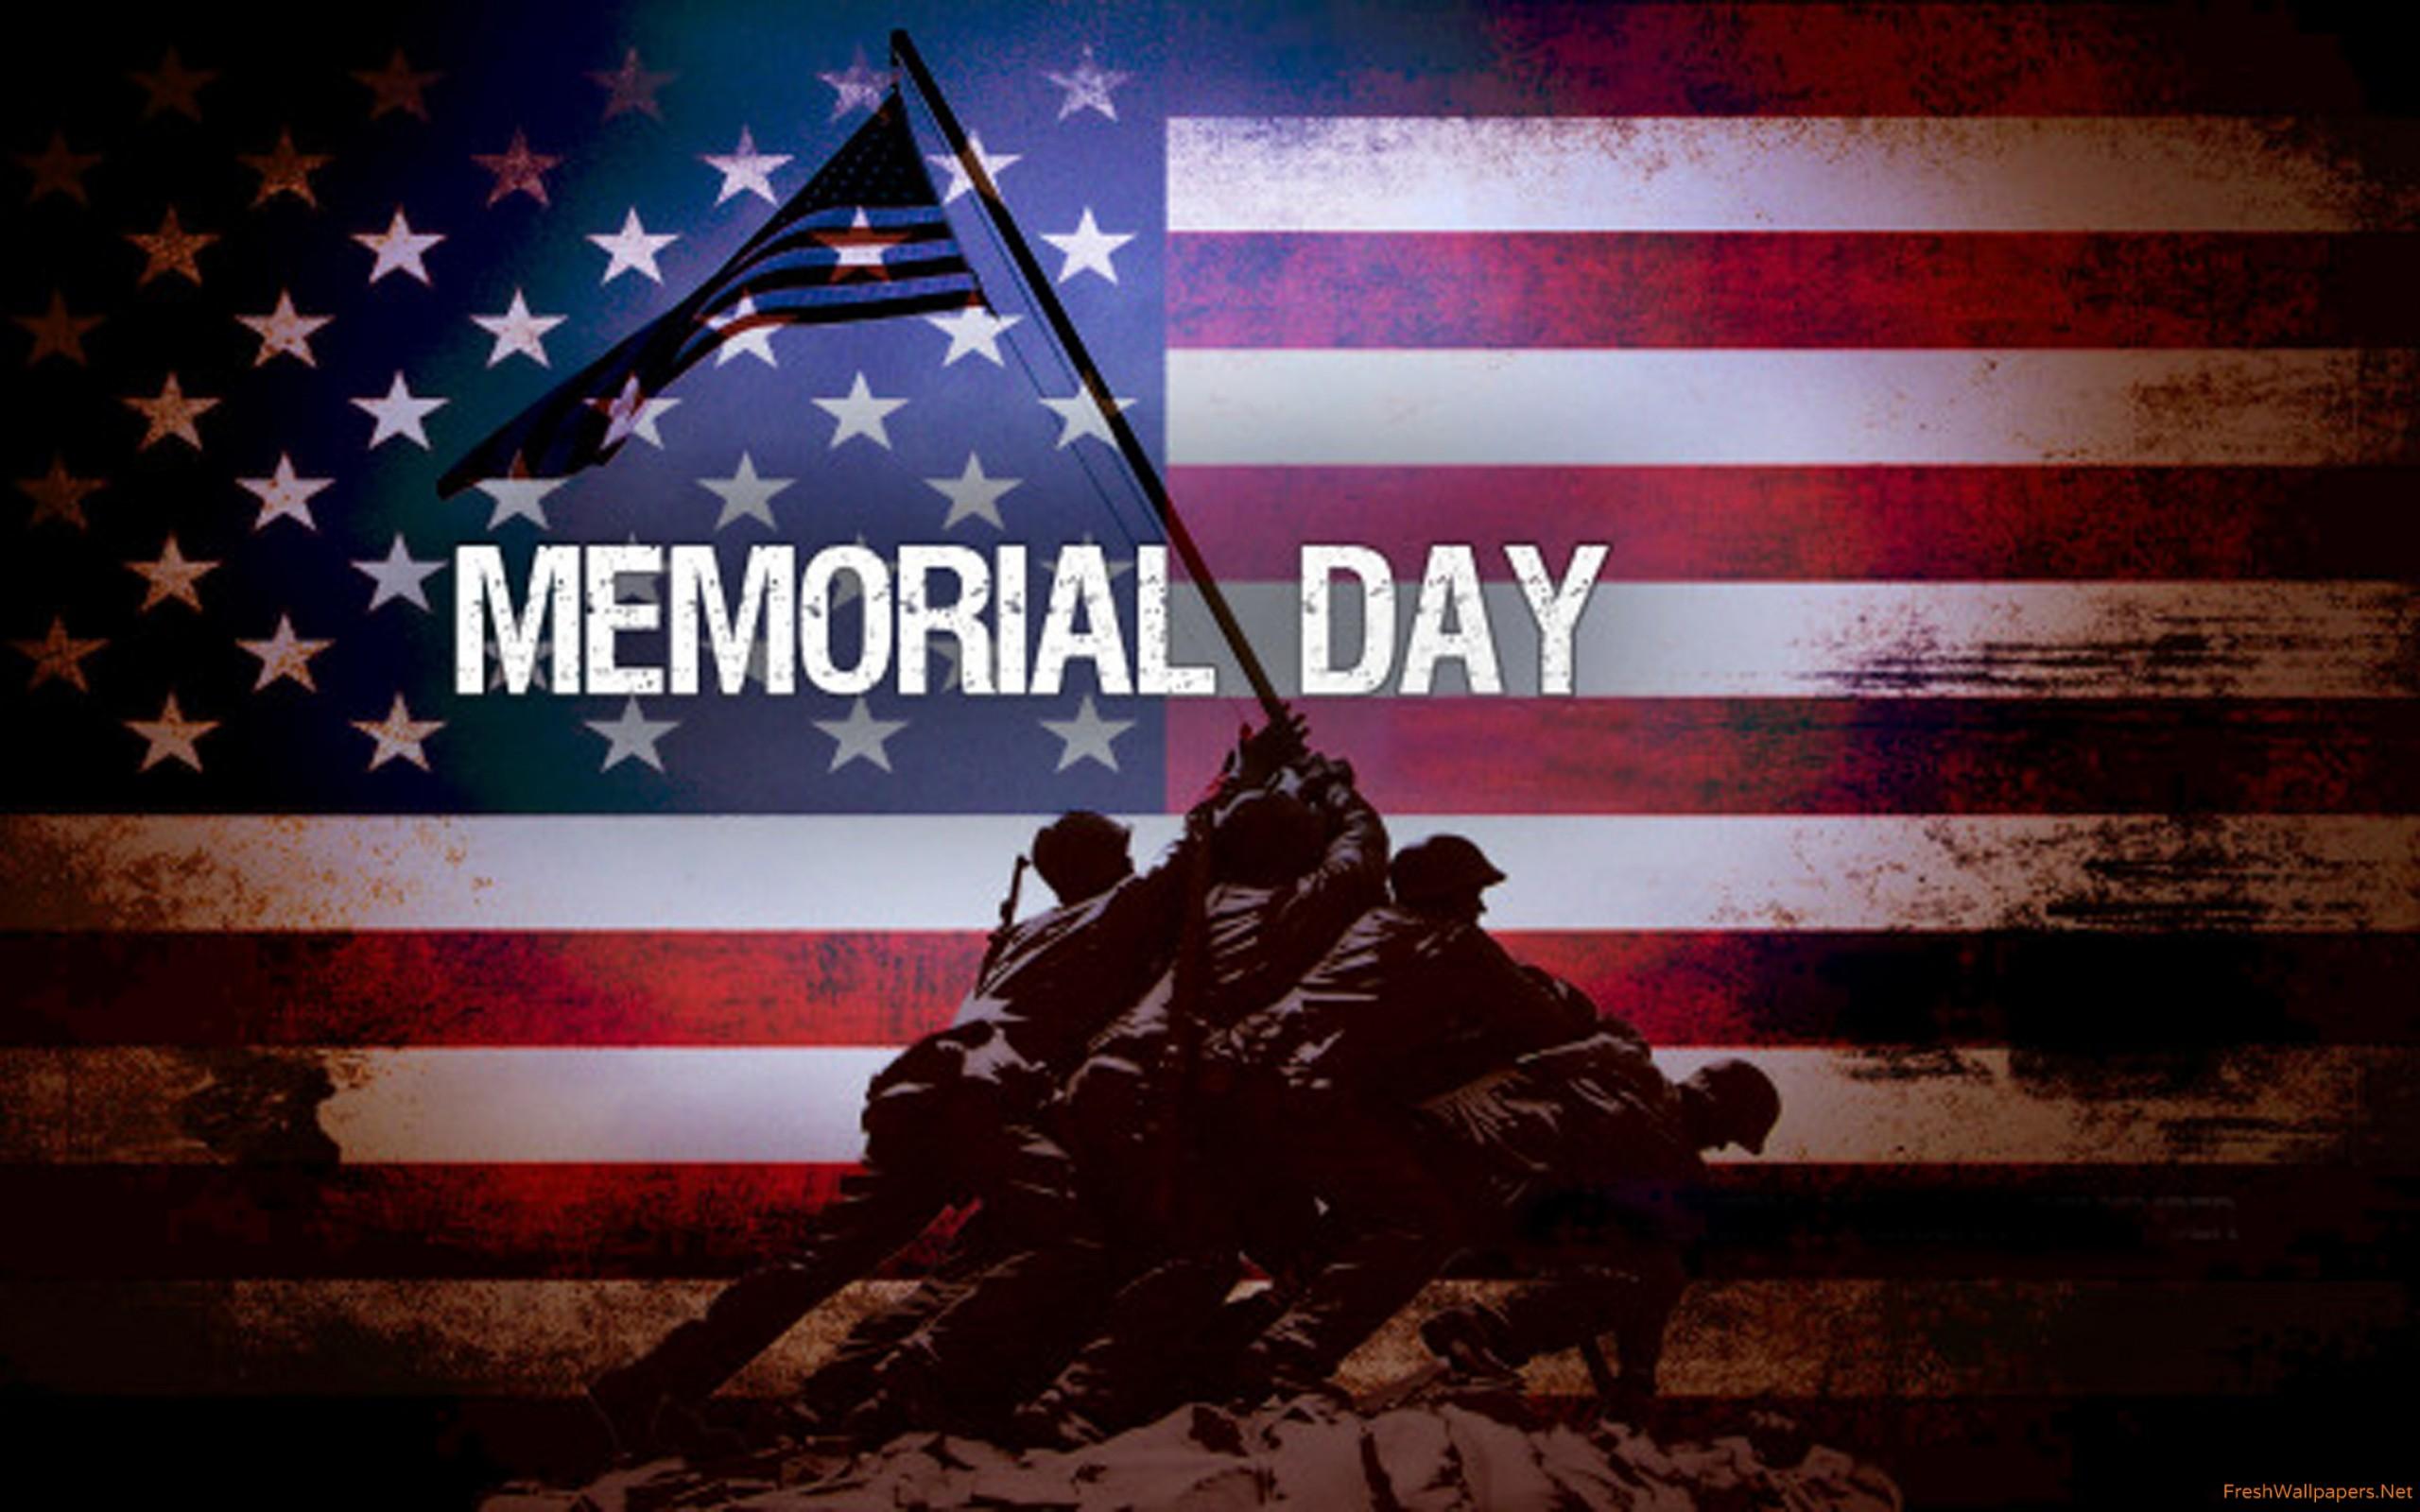 52] Memorial Day Wallpaper Images on WallpaperSafari 2560x1600